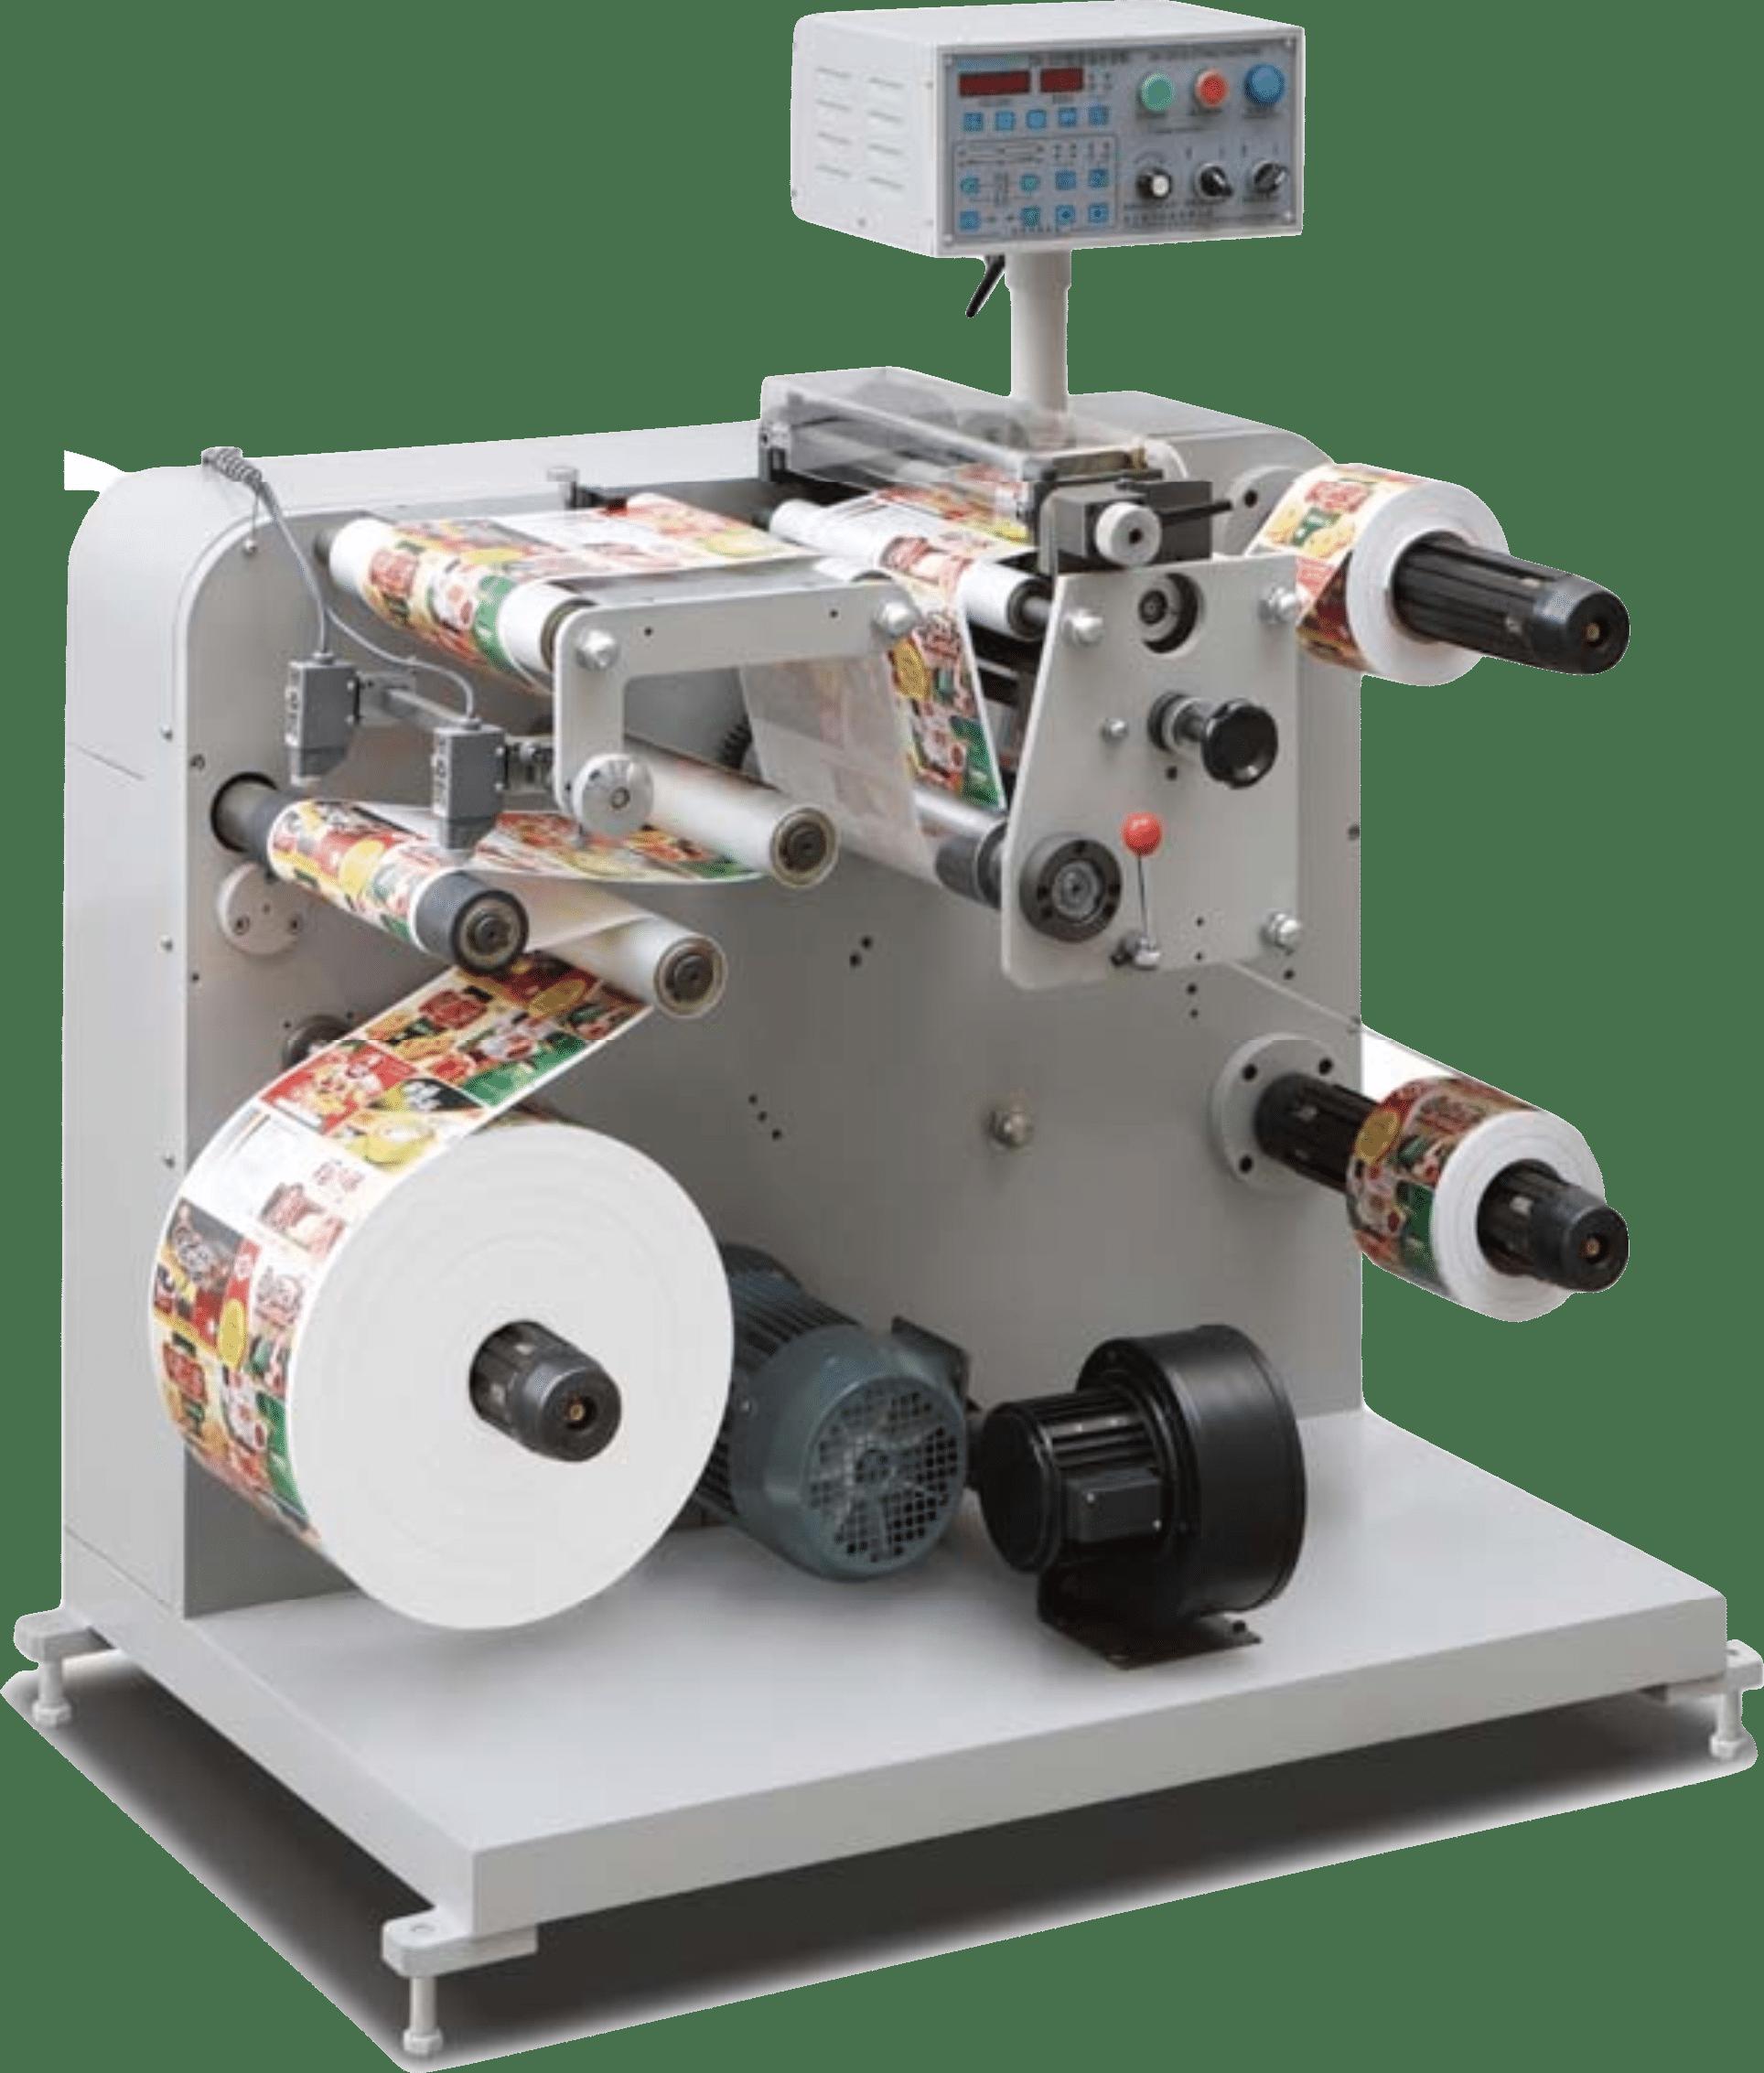 Rebobinadora RTP-450